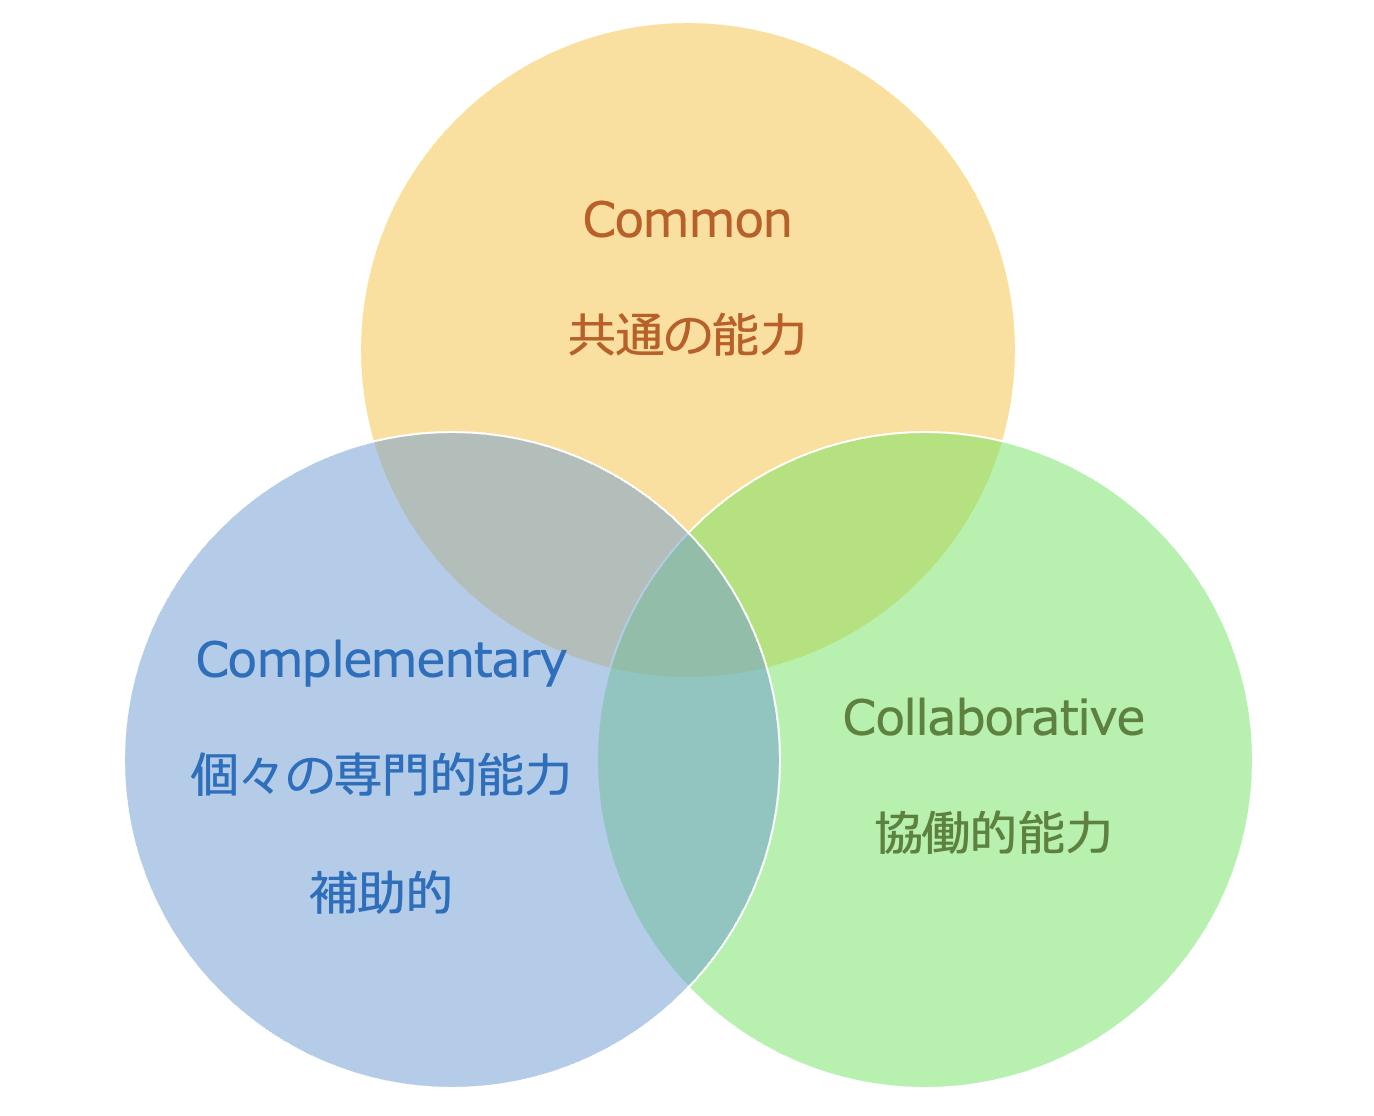 多職種連携能力のコア・コンピテンシー